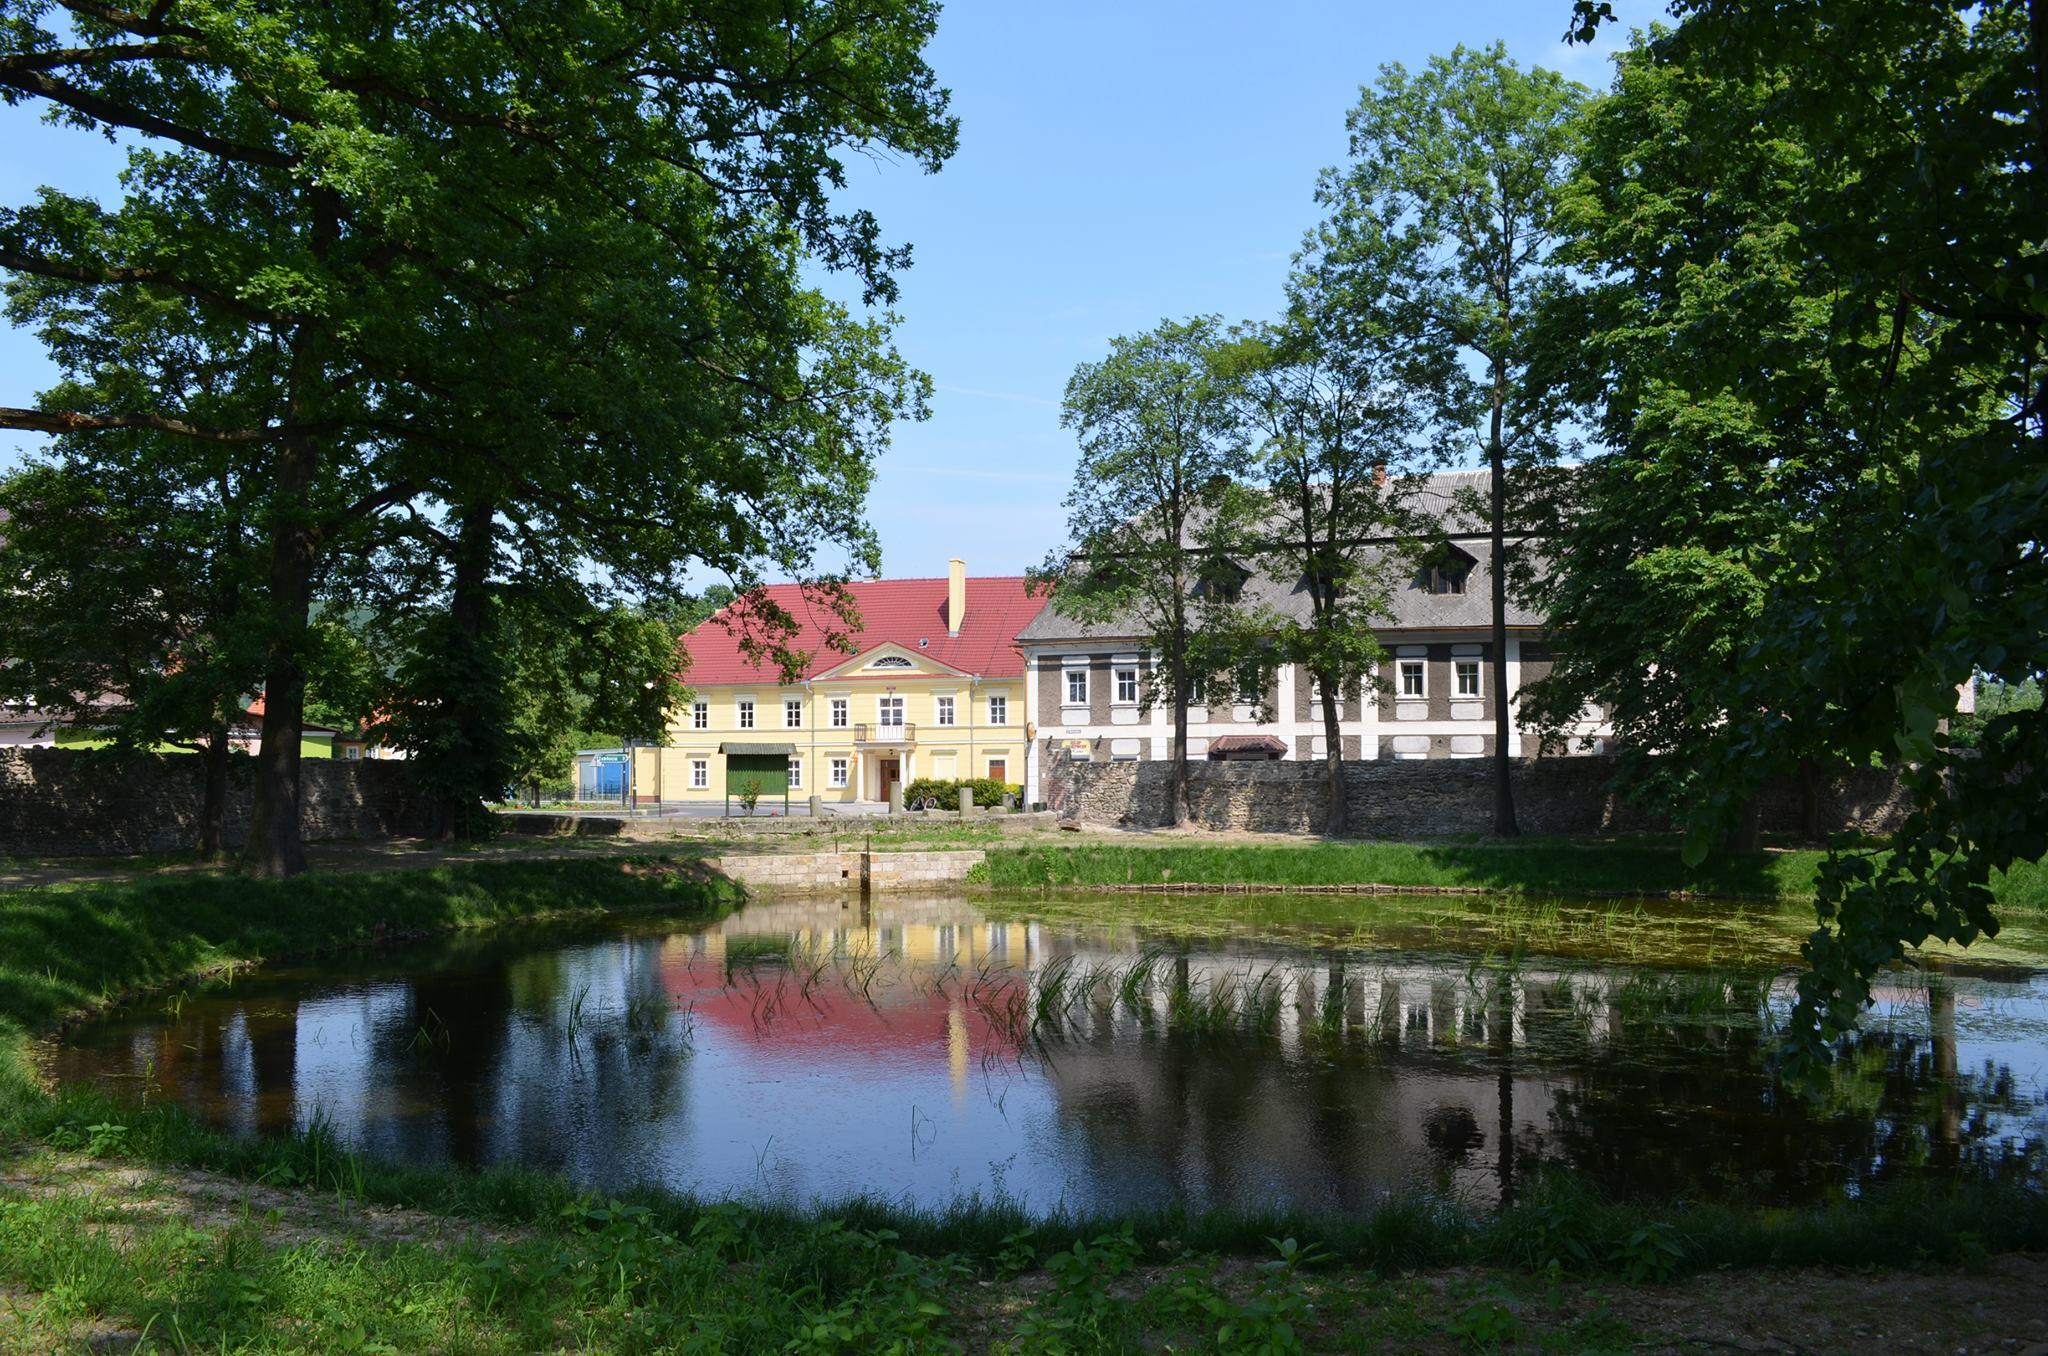 Widok z parku na staw oraz Dom Kultury, Autor: R. Duma, 09.06.2015r.